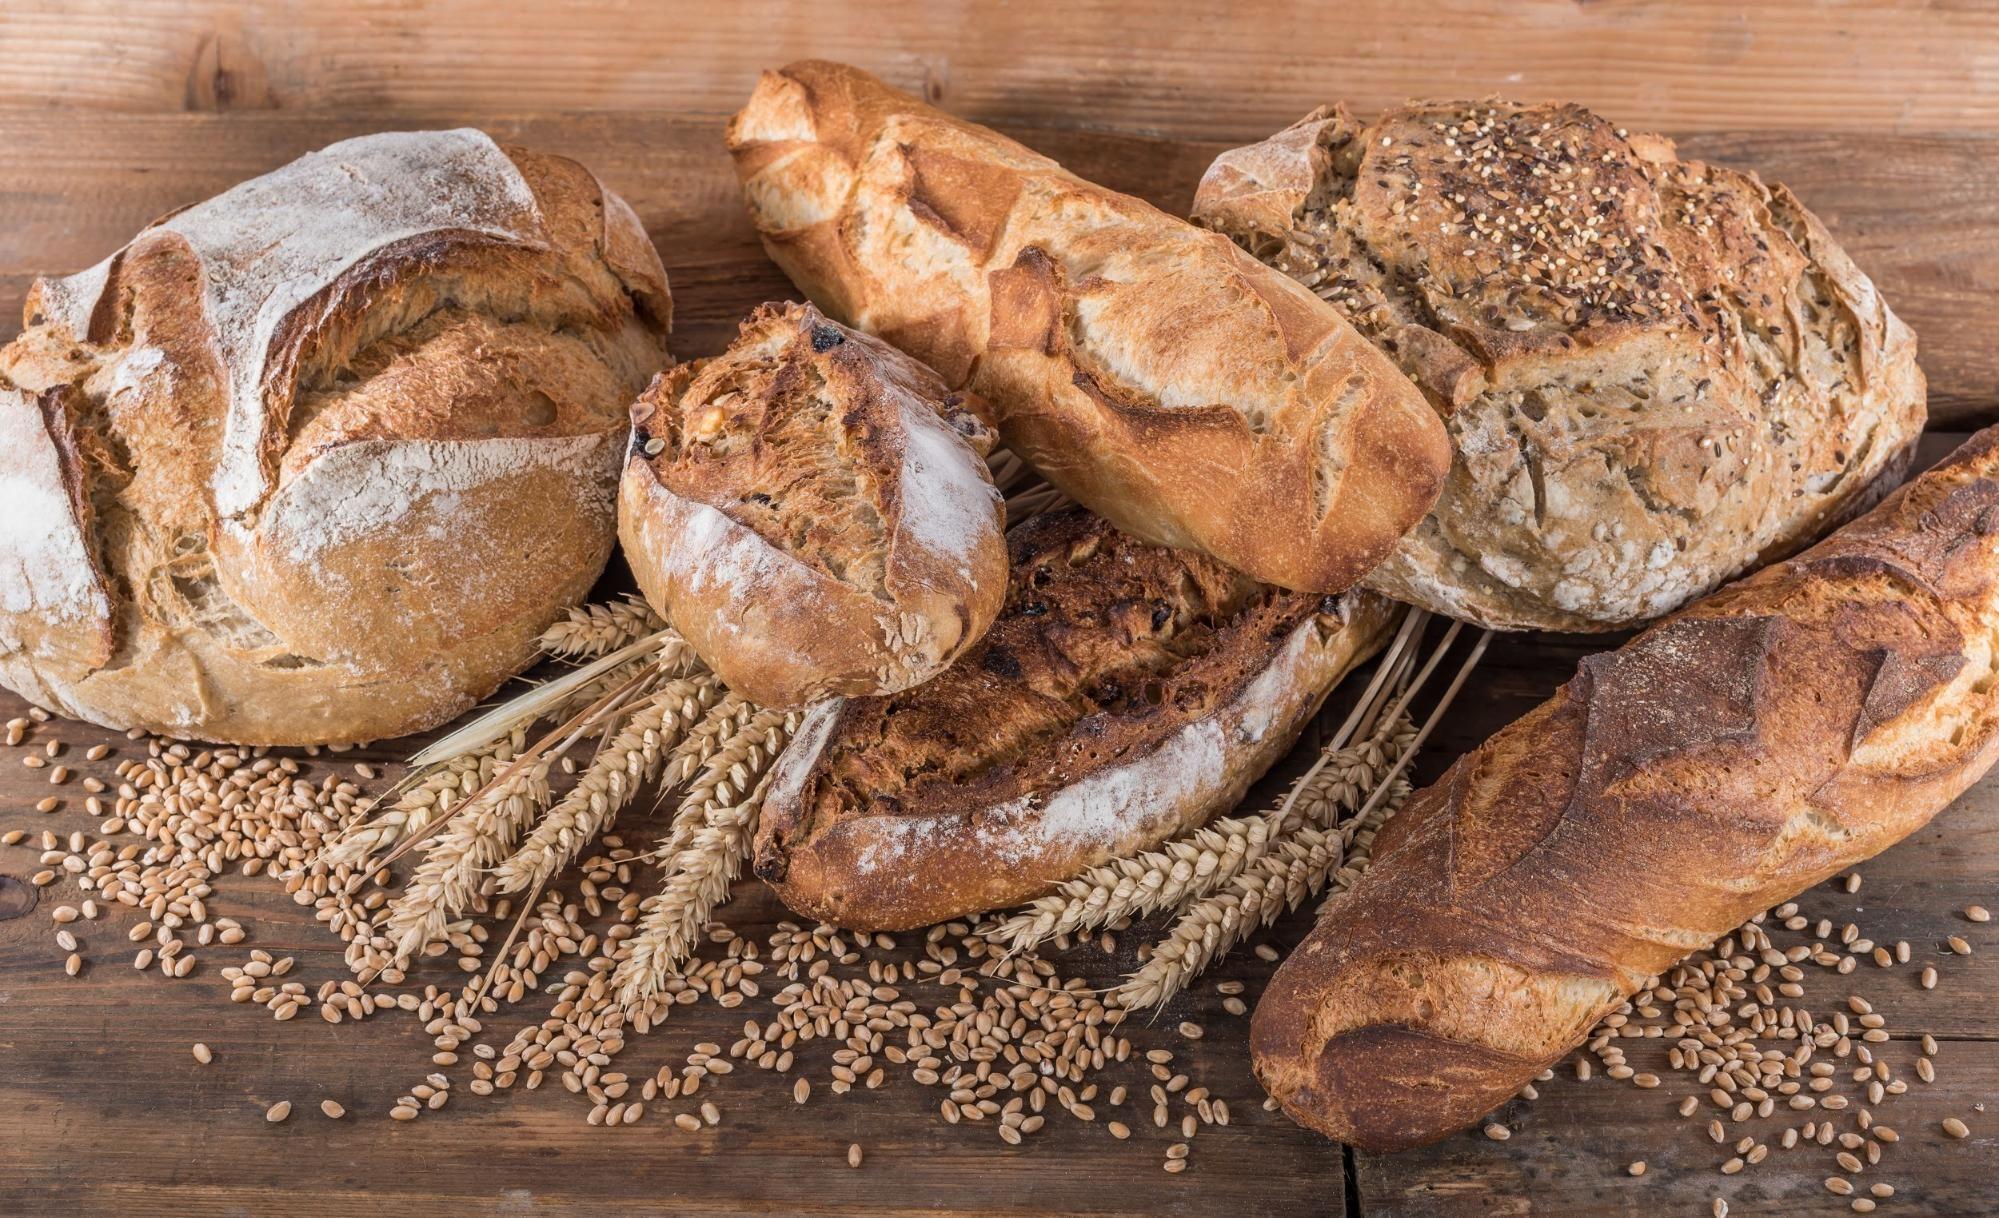 Comment faire du pain maison : meilleurs conseils pour le pain et recette facile (avec vidéo)